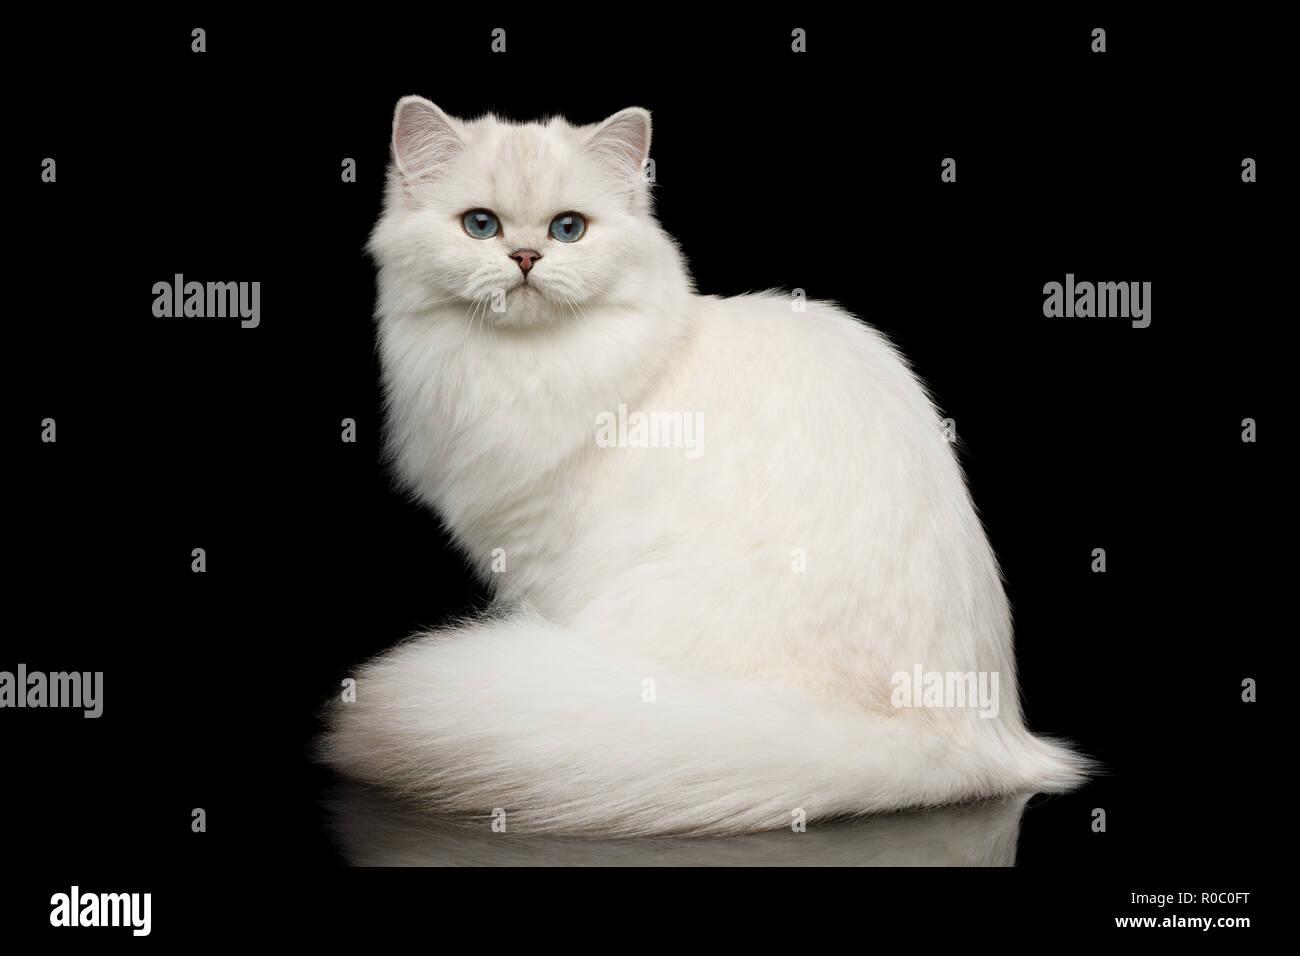 Adorable britischen Rasse Katze der Farbe Weiß mit blauen Augen, Sitzen und schauen in die Kamera auf isolierten schwarzen Hintergrund, Vorderansicht Stockbild